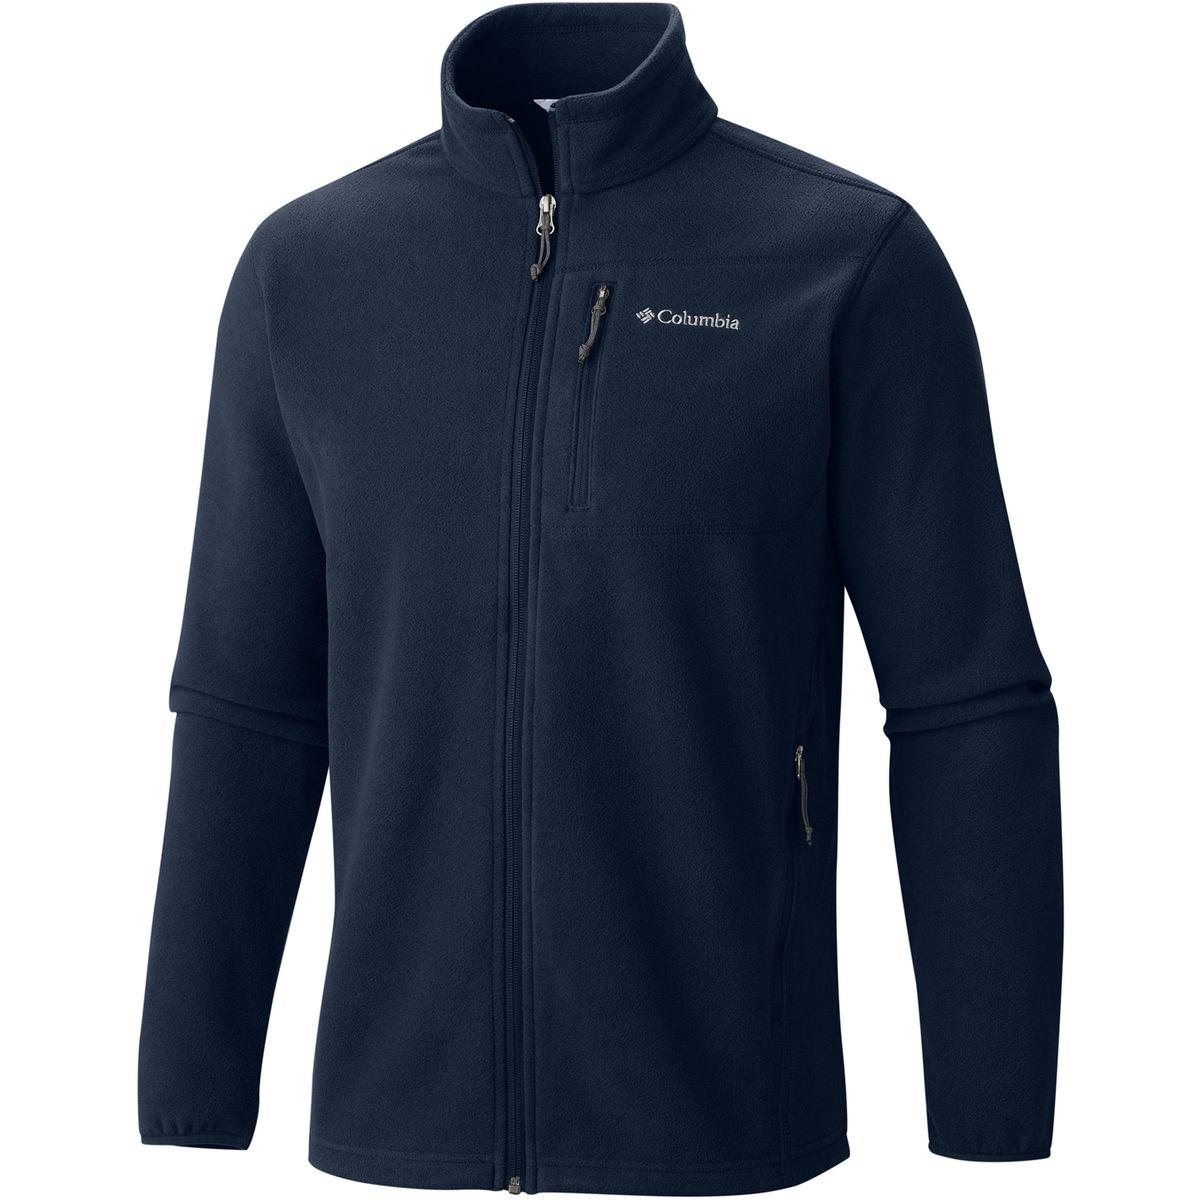 Columbia Cascades Explorer Full-Zip Fleece Jacket - Men